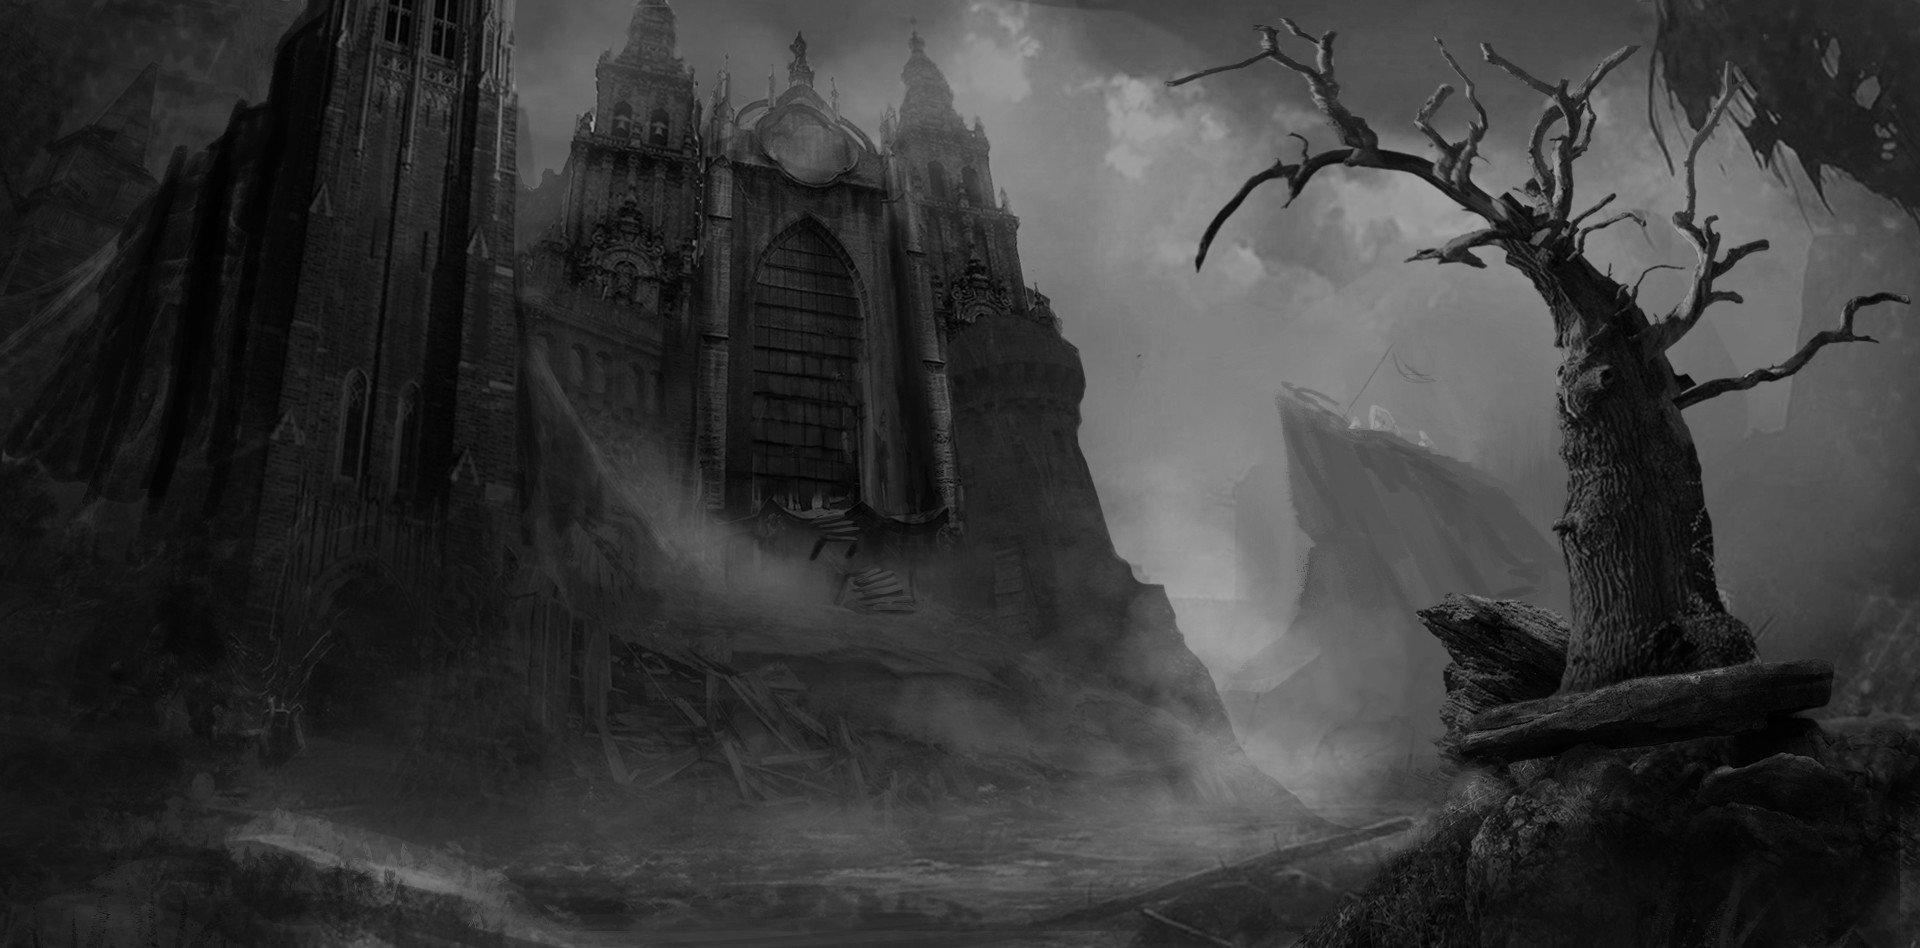 قصة عصور الظلام